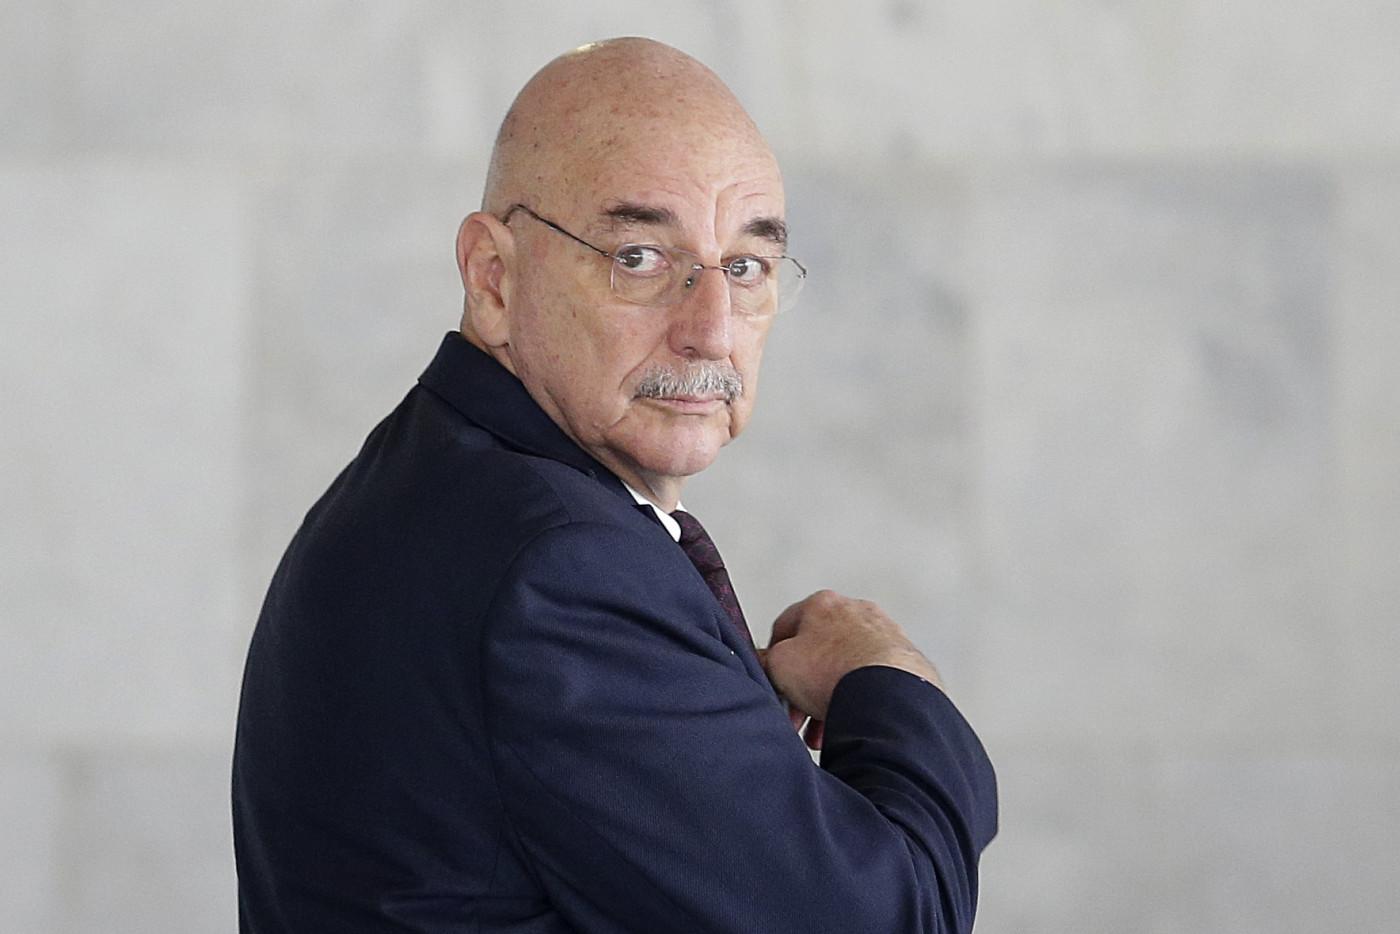 Osmar Terra é ex-ministro da Cidadania e atual deputado federal